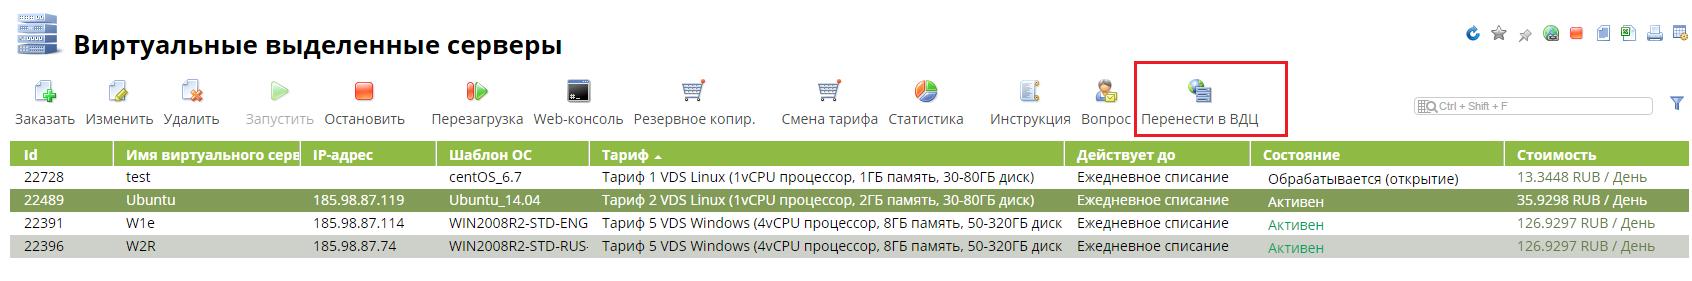 Виртуальный хостинг что это такое ubuntu поставить домашний сервер на хостинг